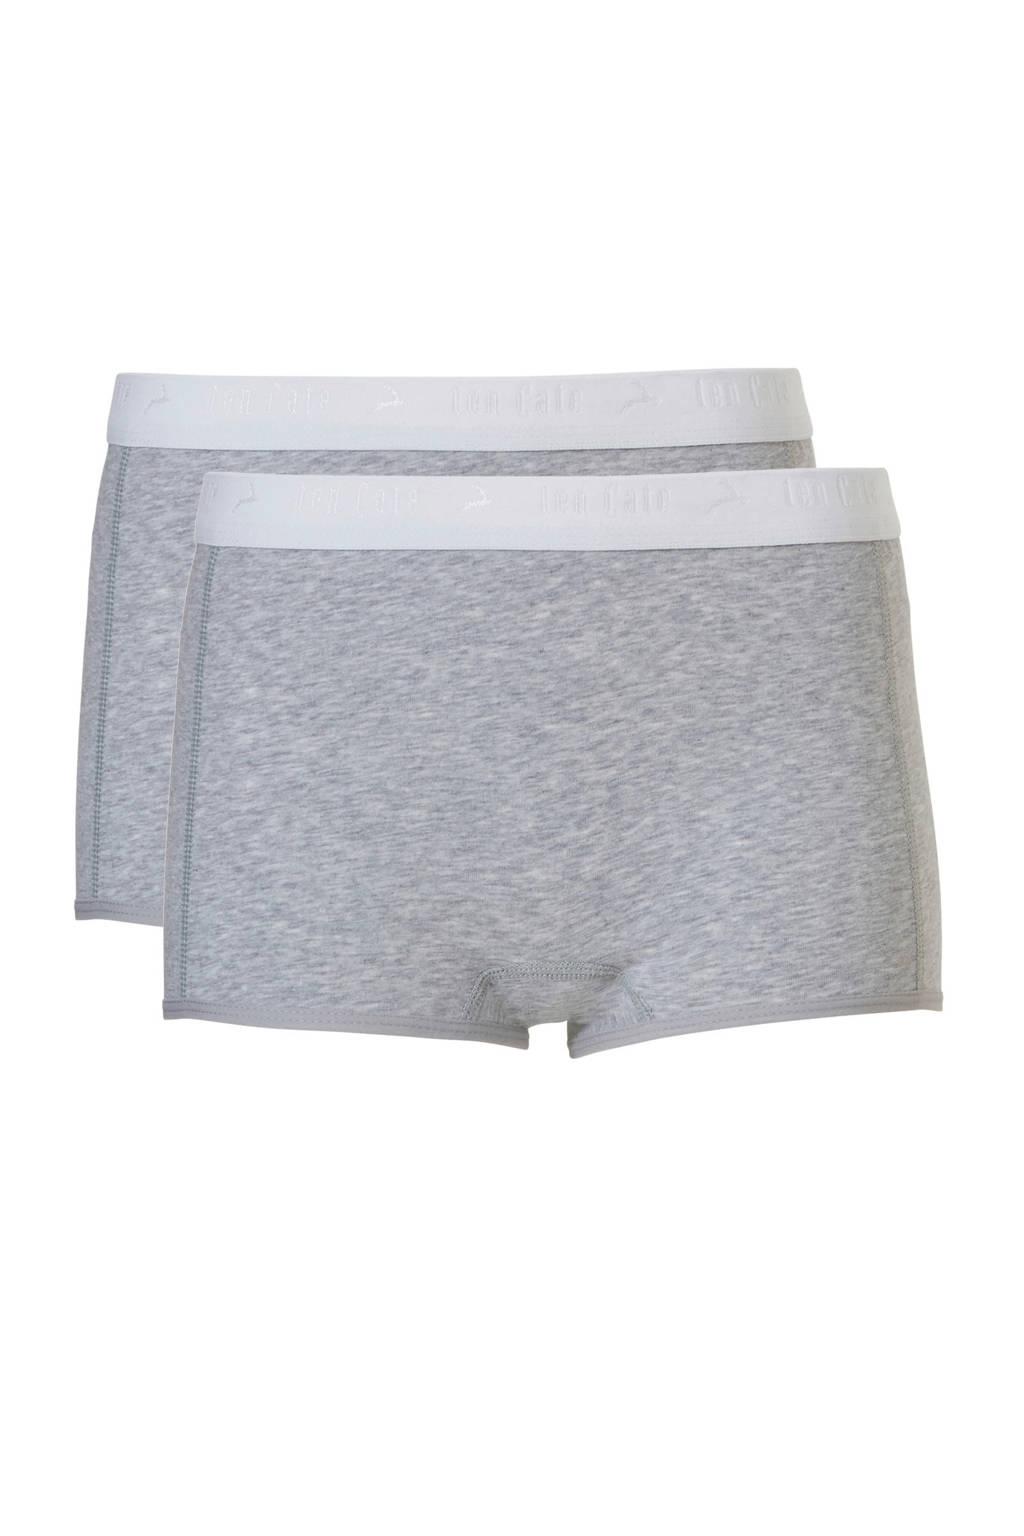 ten Cate Basic teens short - set van 2 grijs melee, Lichtgrijs